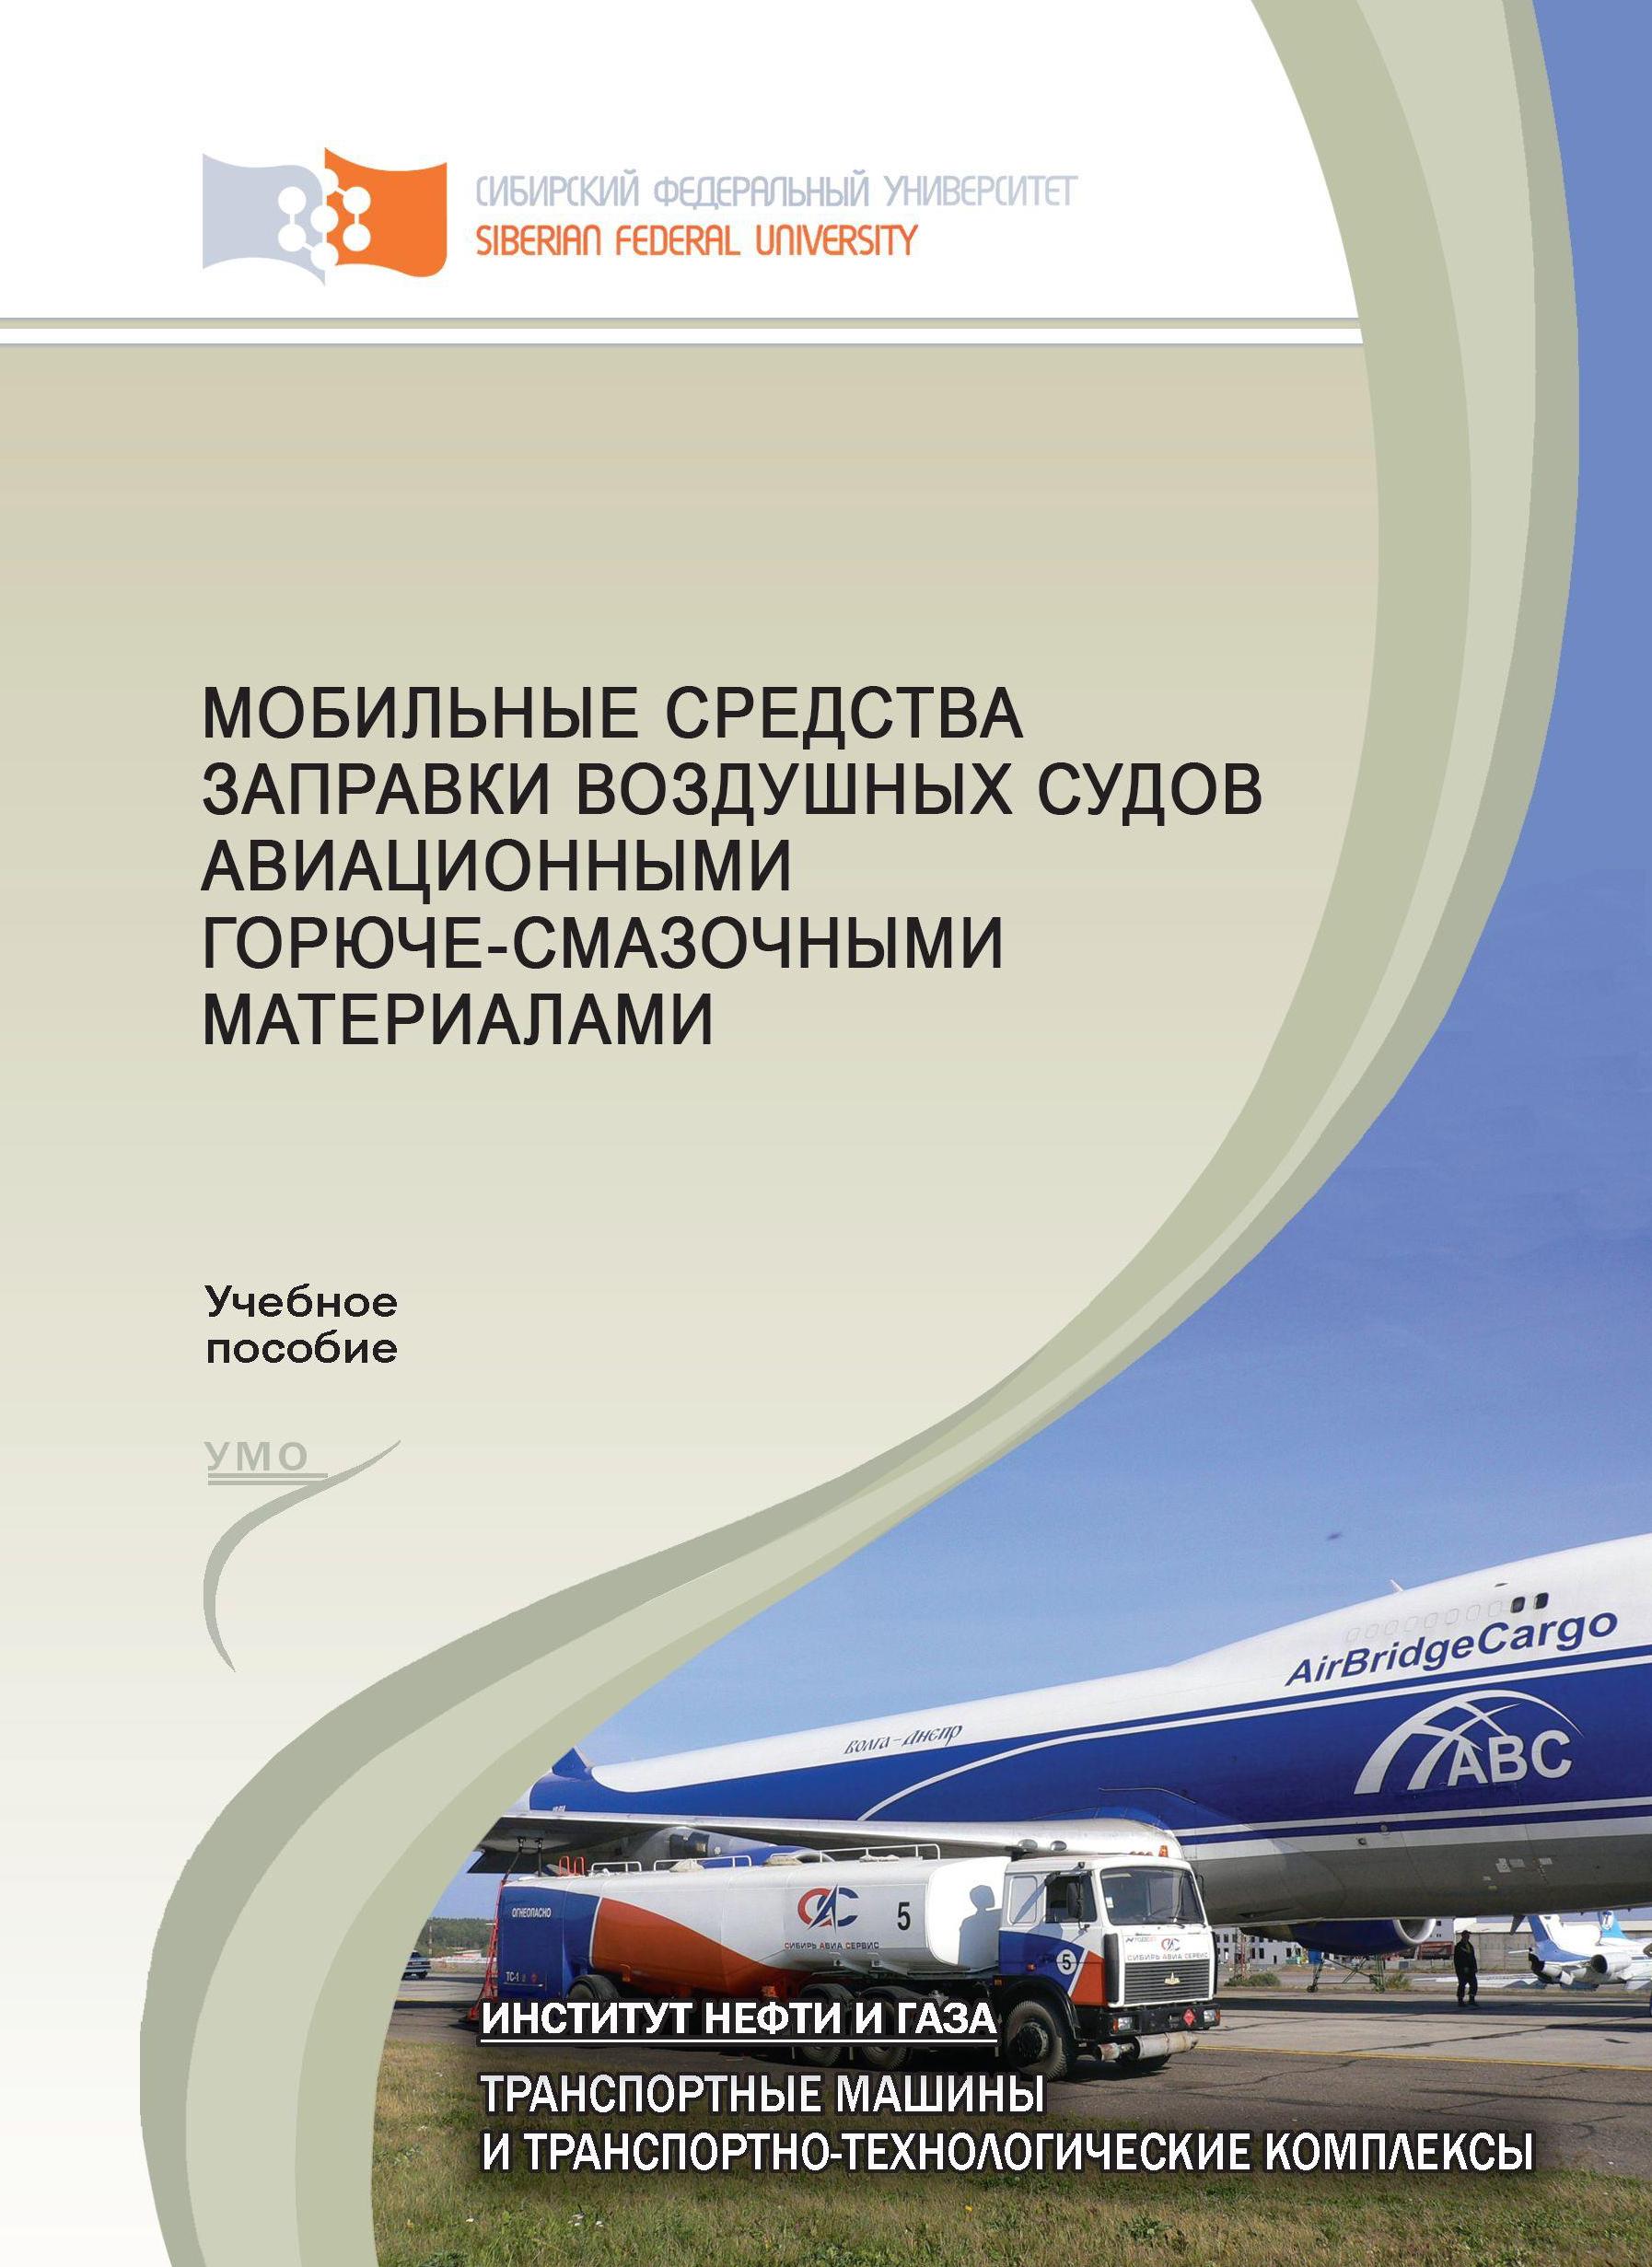 Юрий Кайзер Мобильные средства заправки воздушных судов авиационными горюче-смазочными материалами